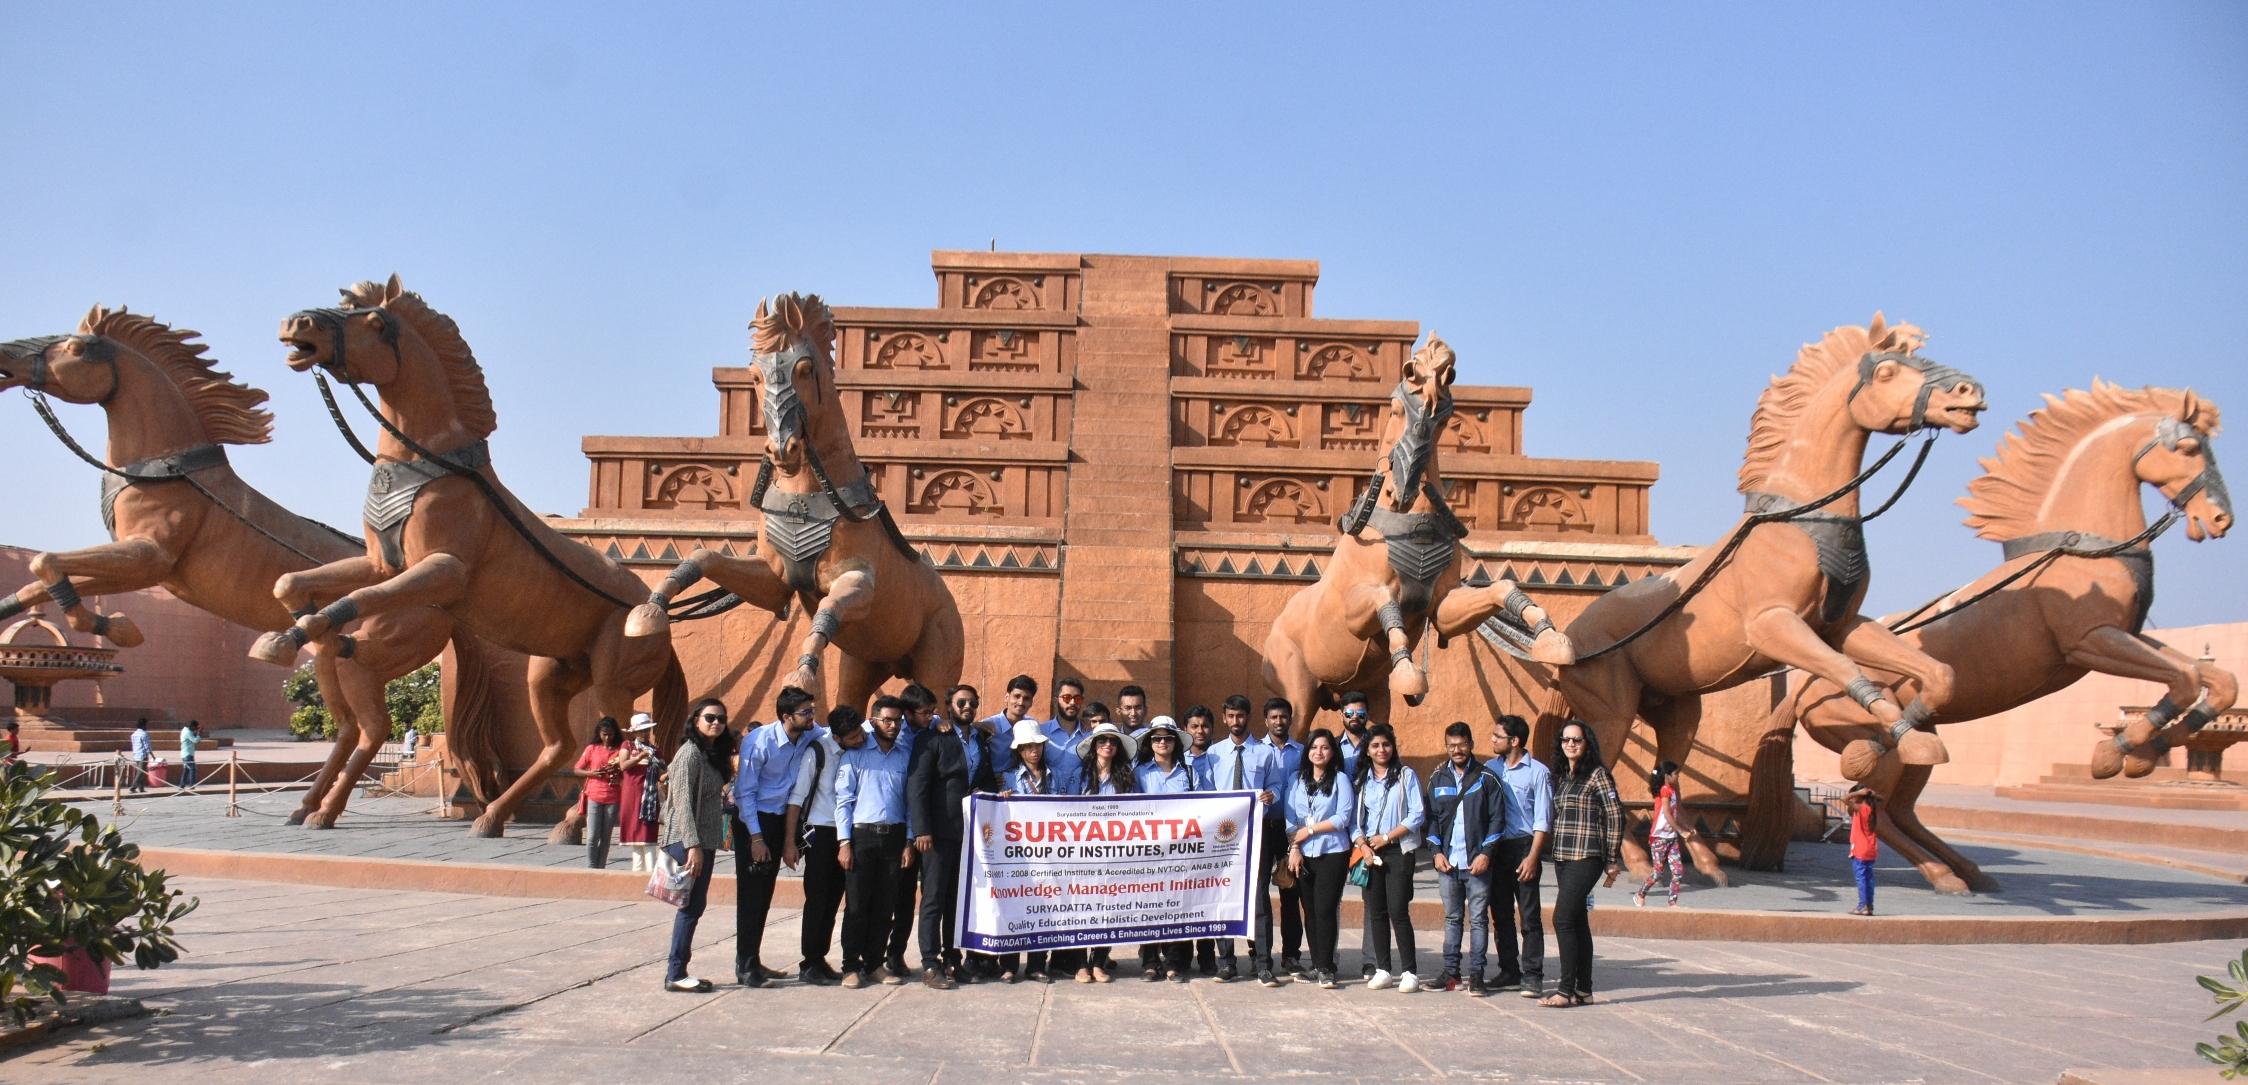 'सूर्यदत्ता'च्या विद्यार्थ्यांची 'रामोजी फिल्म सिटी'ला भेट